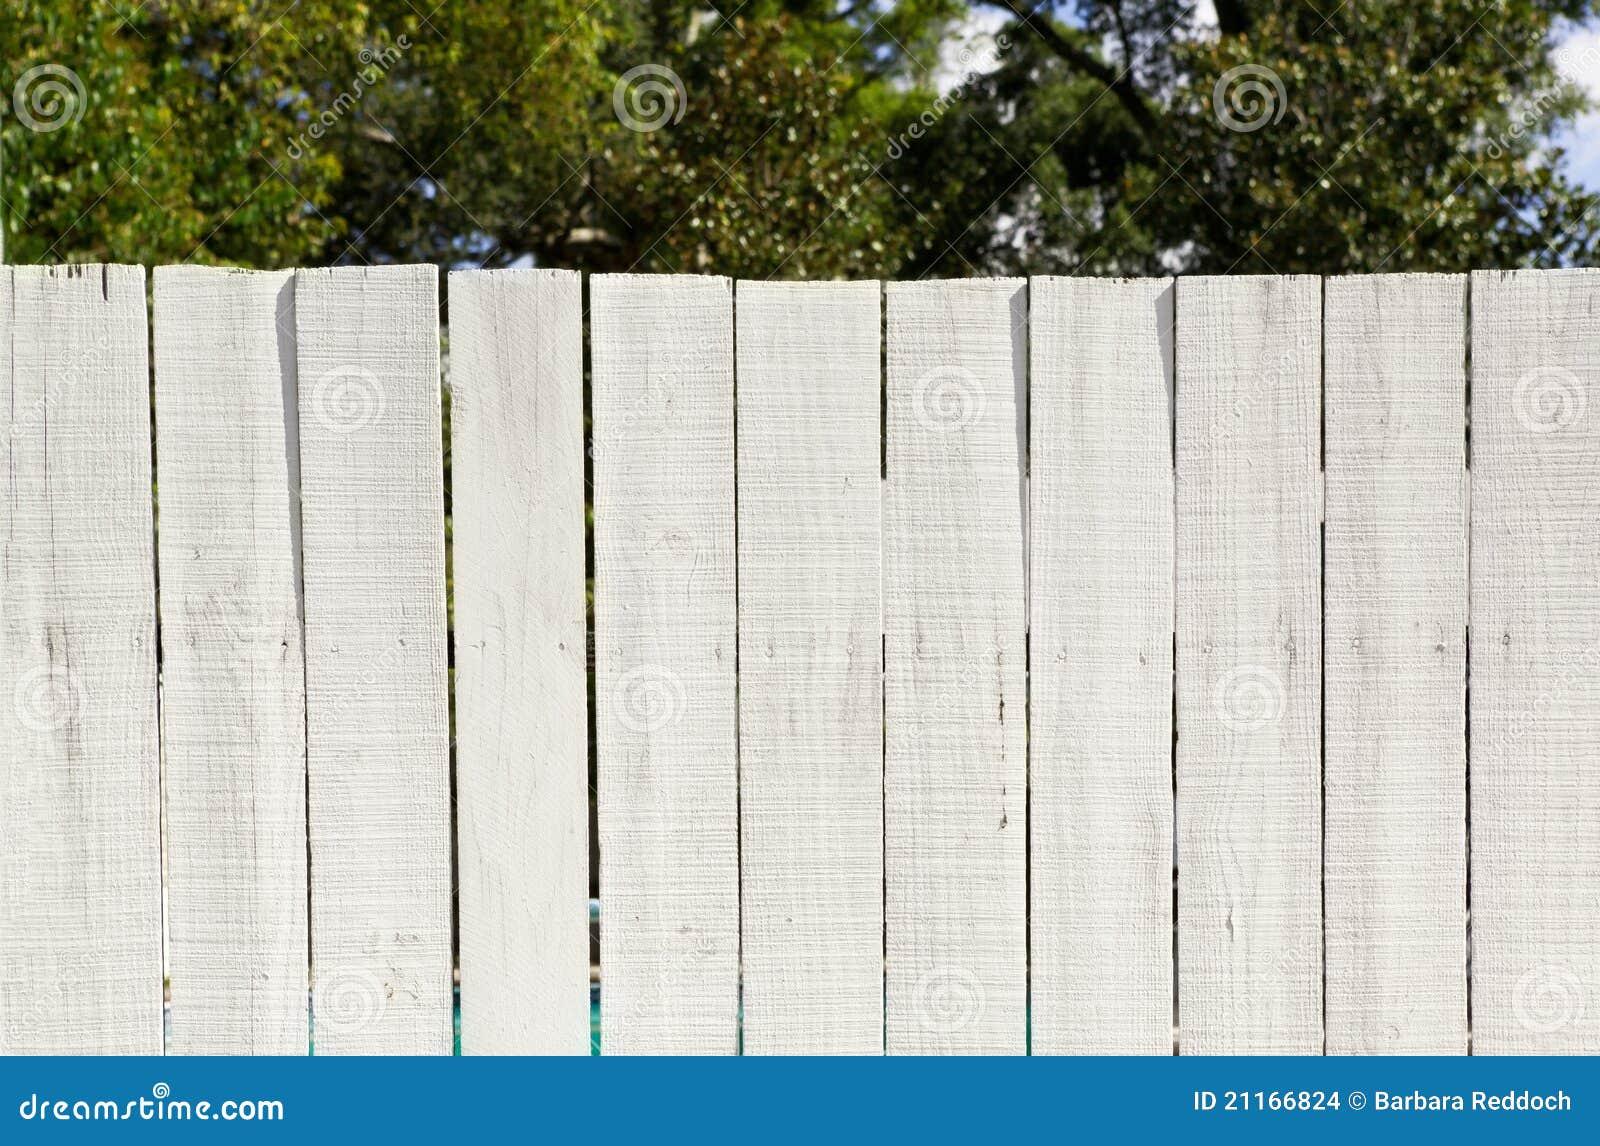 Vintage Whitewashed Board Fence Stock Photo Image Of